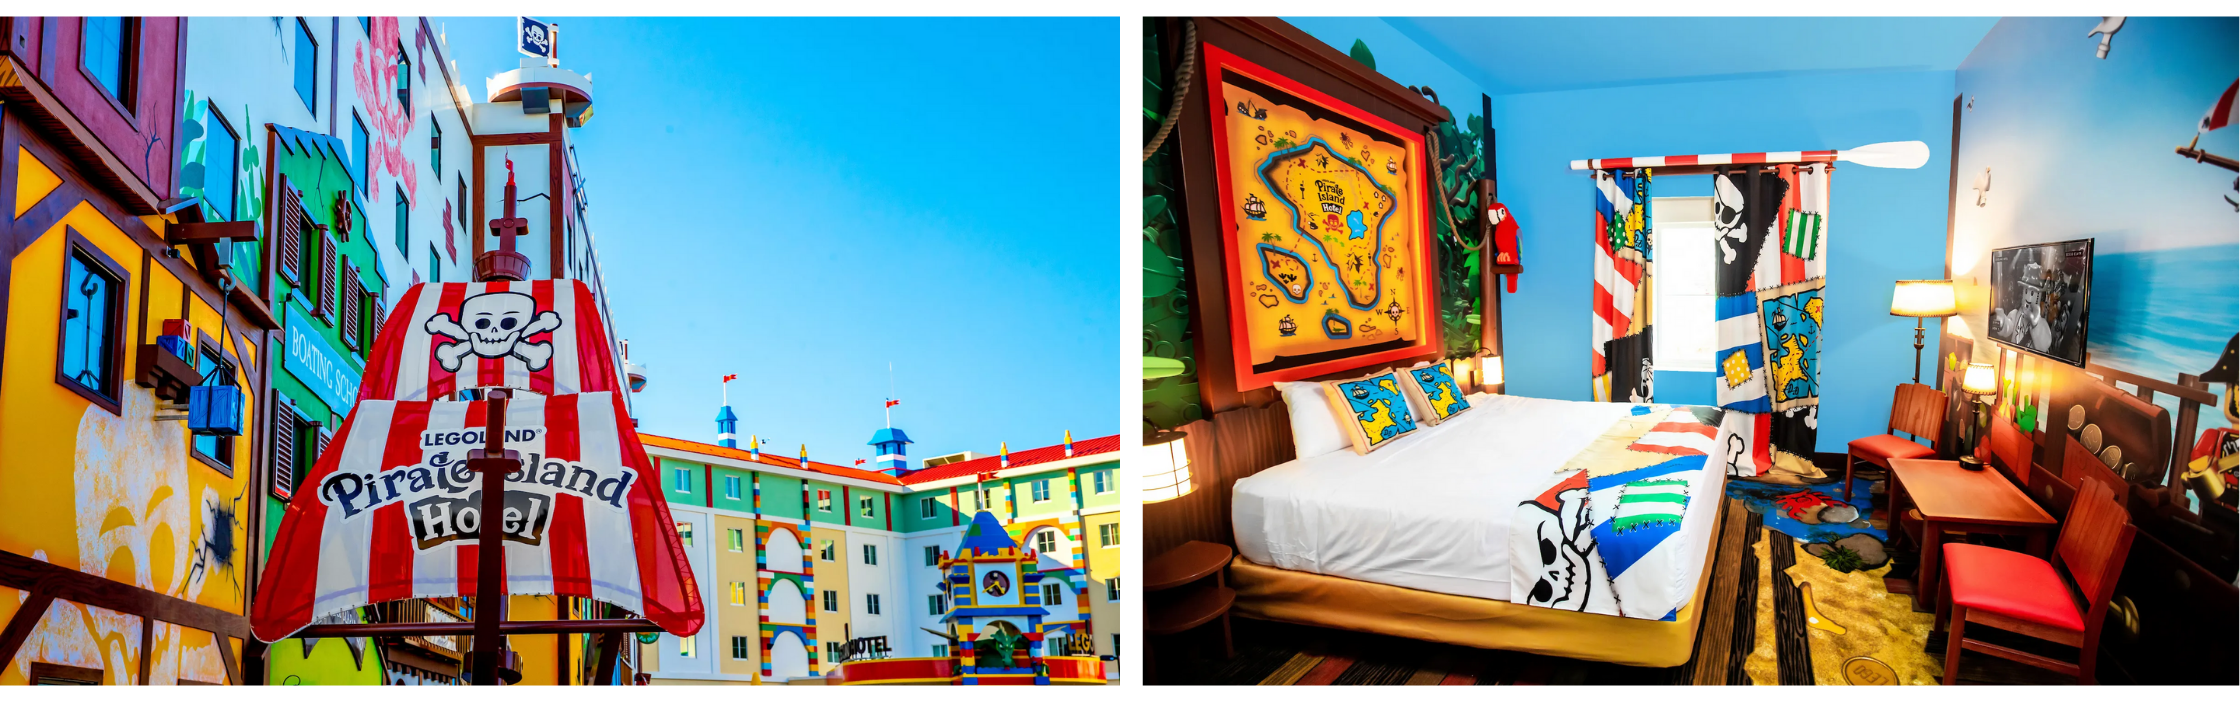 pirate island hotel